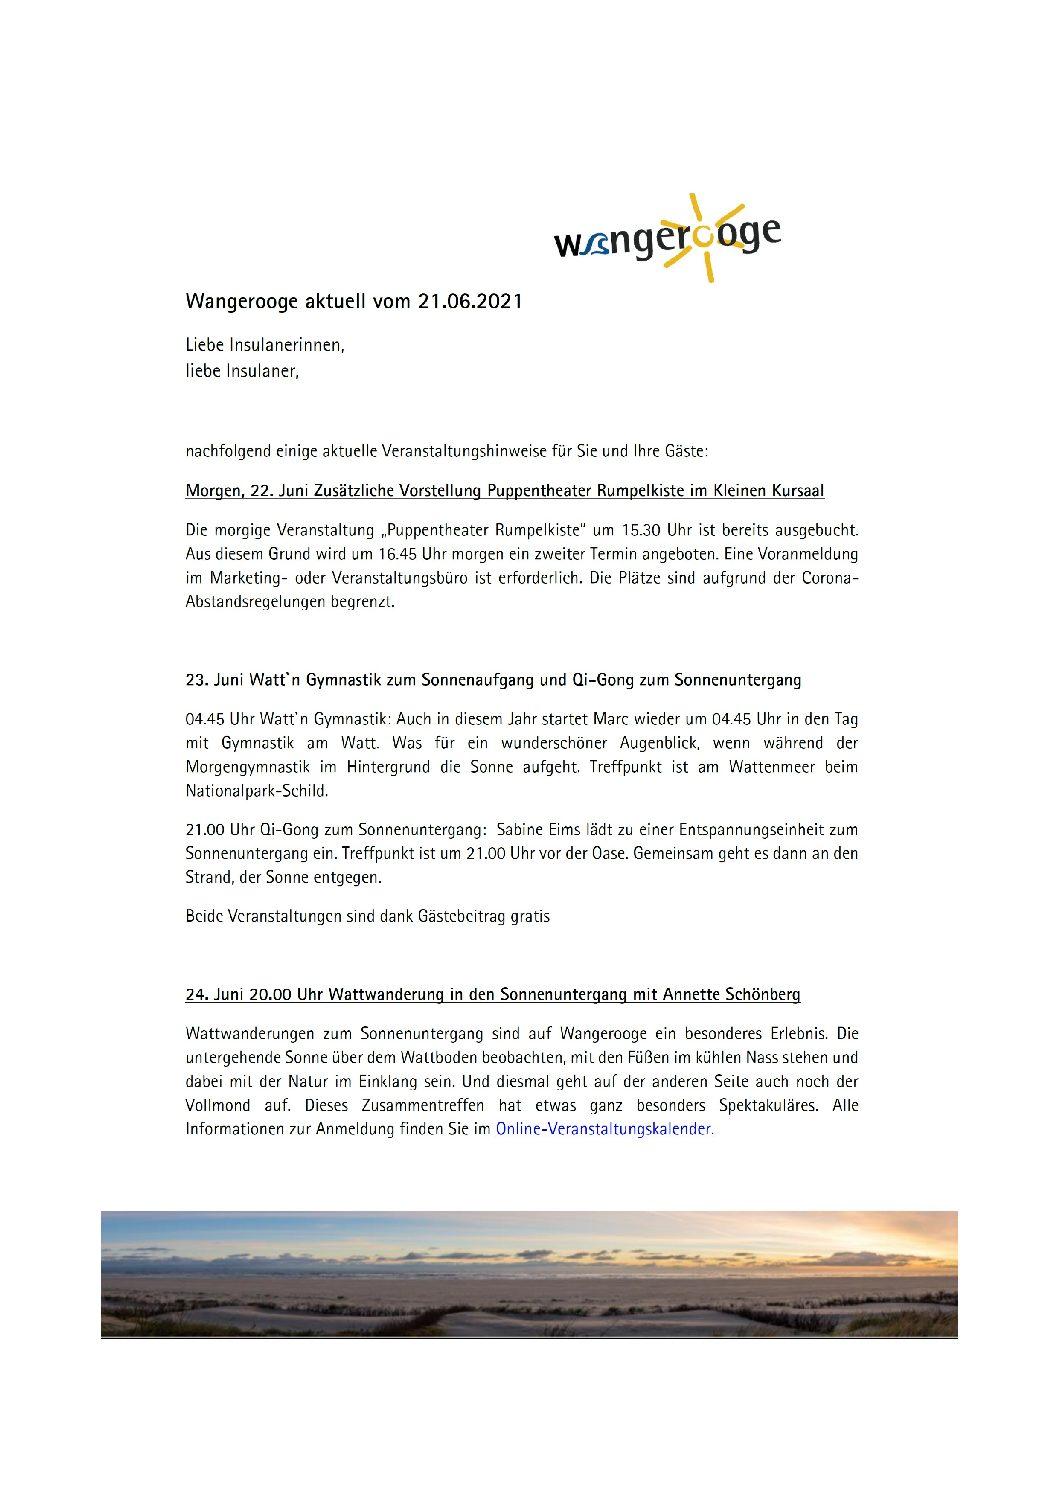 21.06.2021 Wangerooge Aktuell der Kurverwaltung einige aktuelle Veranstaltungshinweise